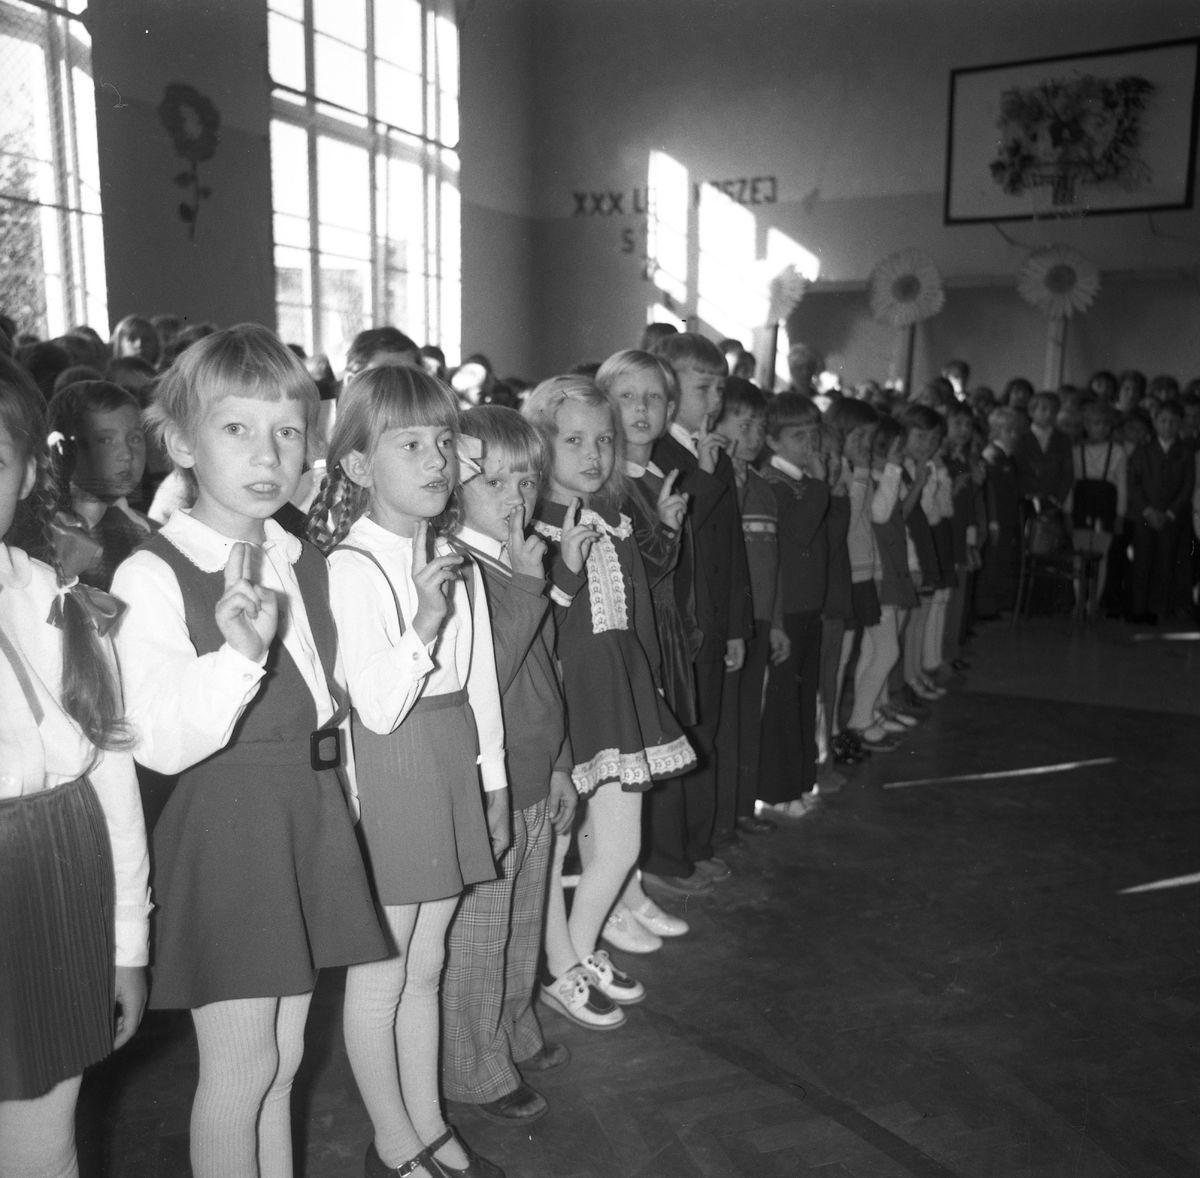 30-lecie Szkoły Podstawowej nr 1, 1975 r.